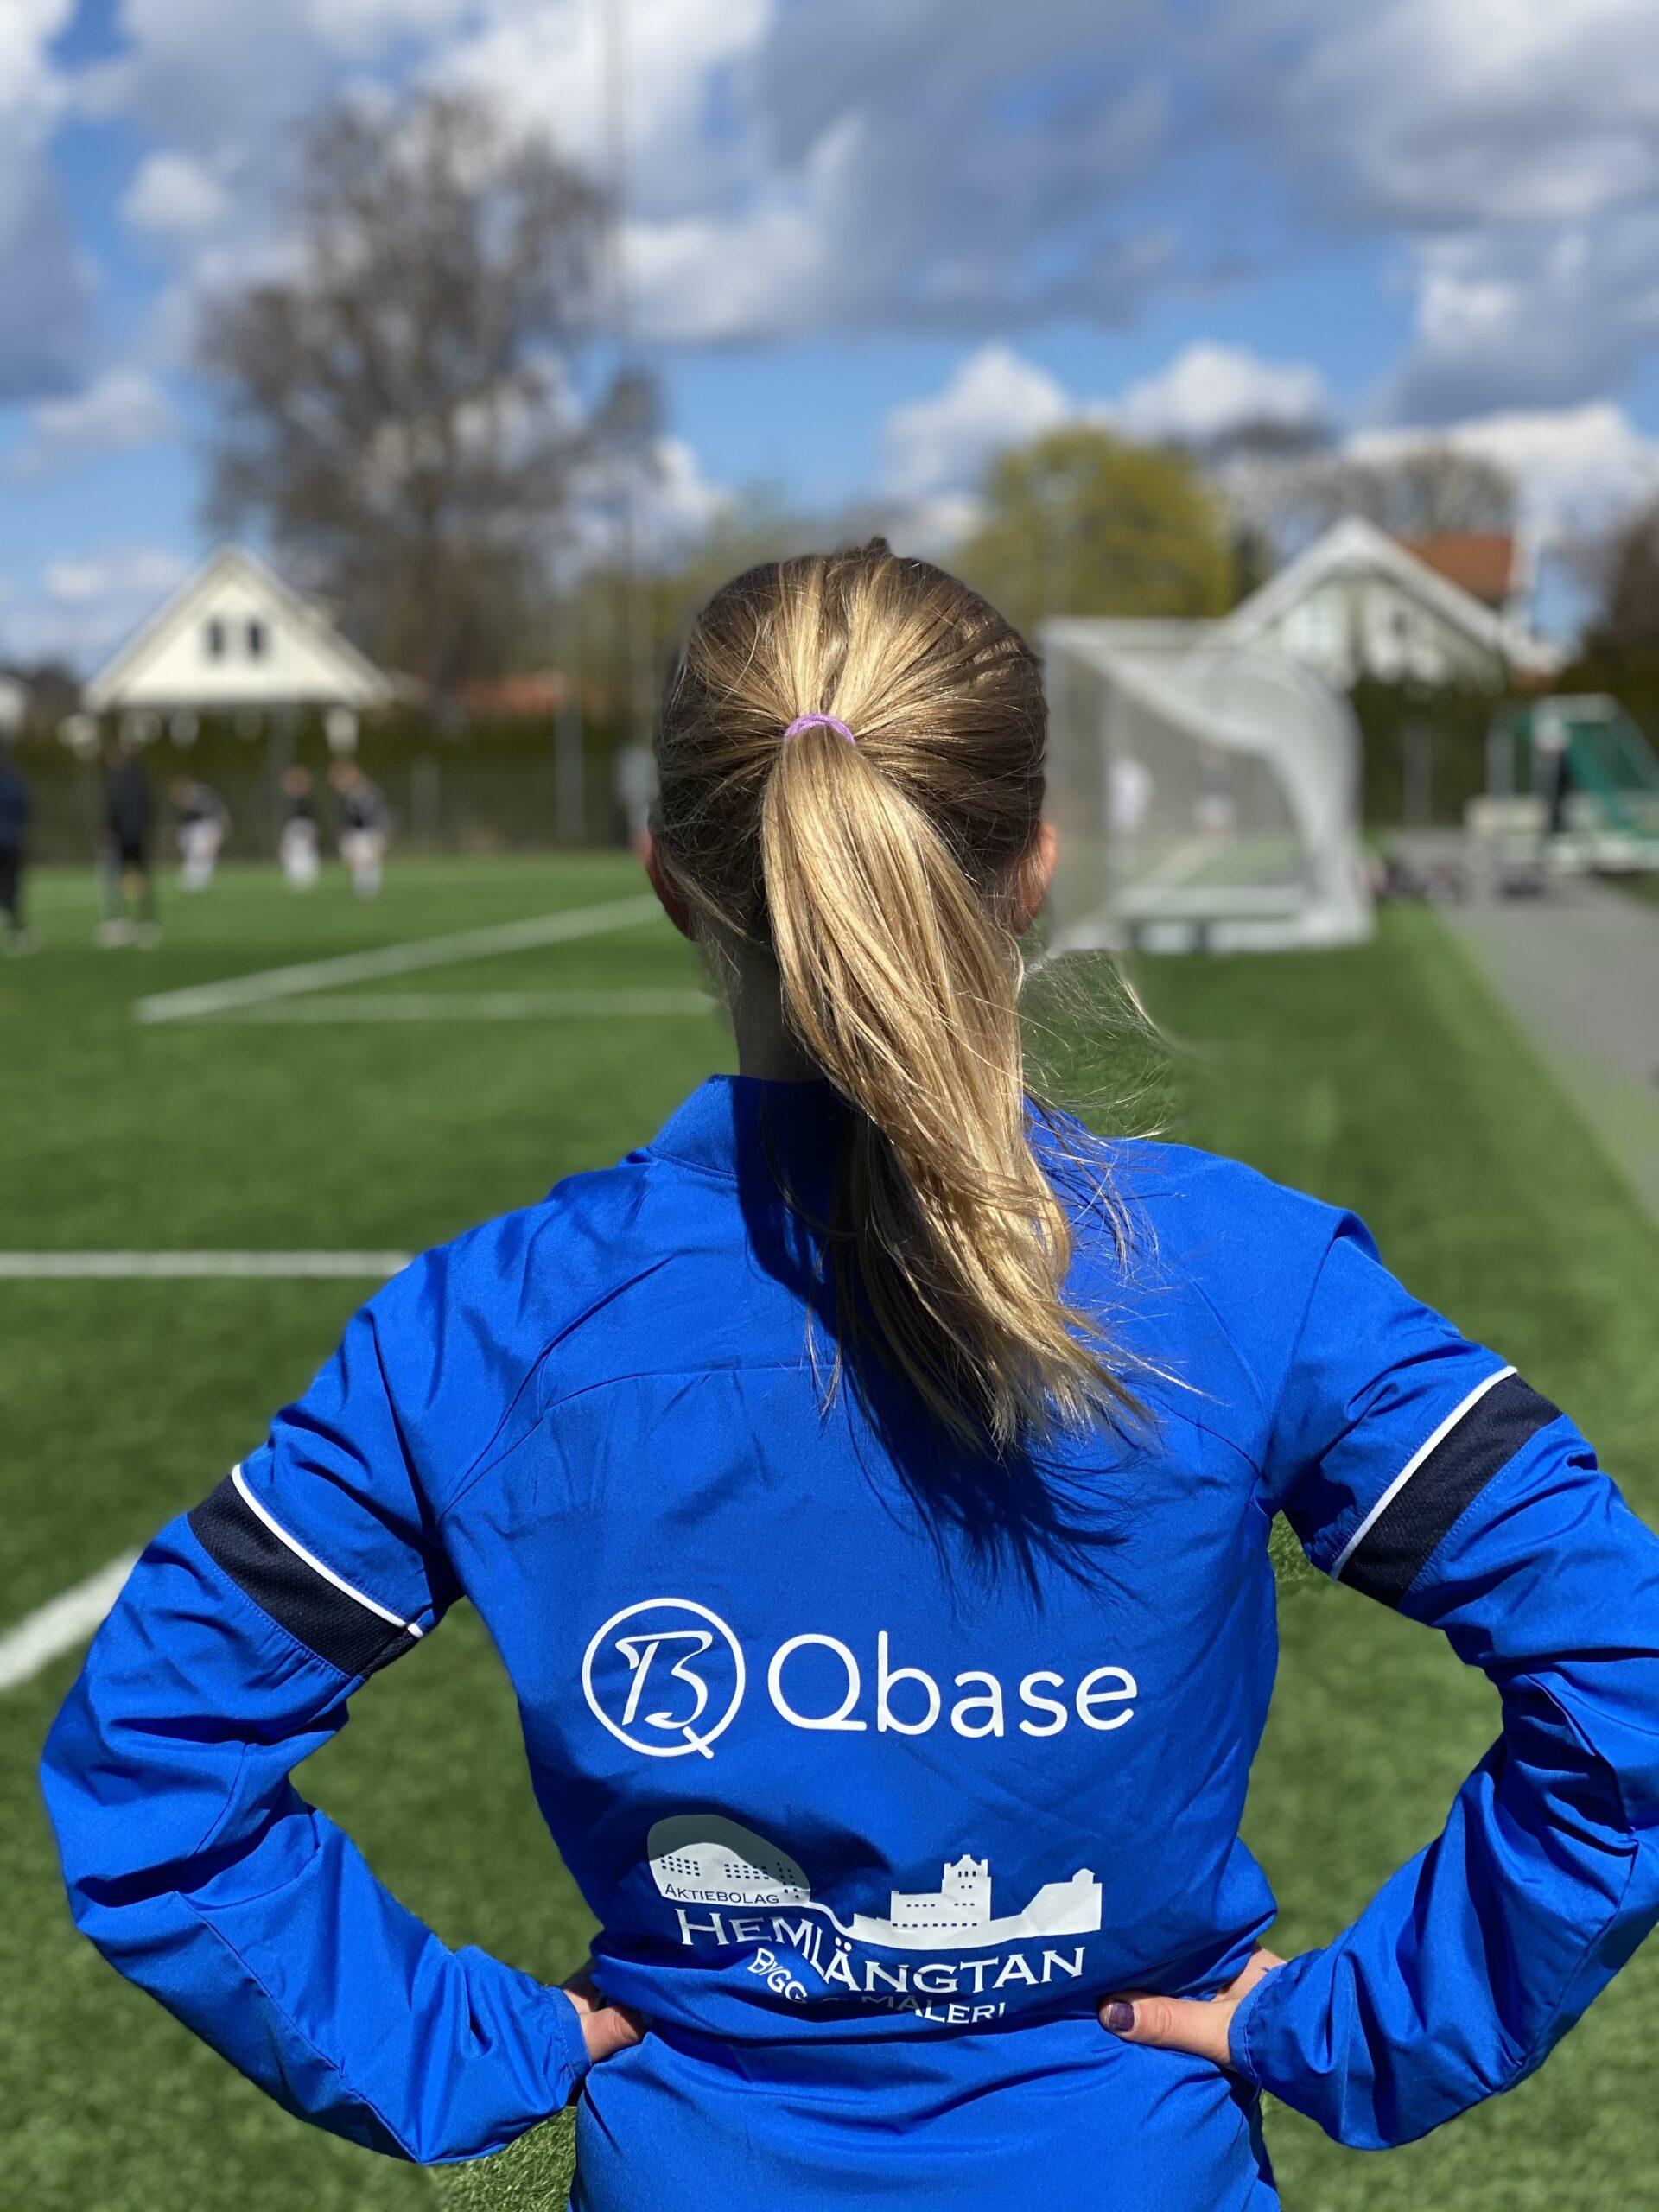 Qbase är 2021 stolt sponsor av ett av fotbollslagen på Lidingö.